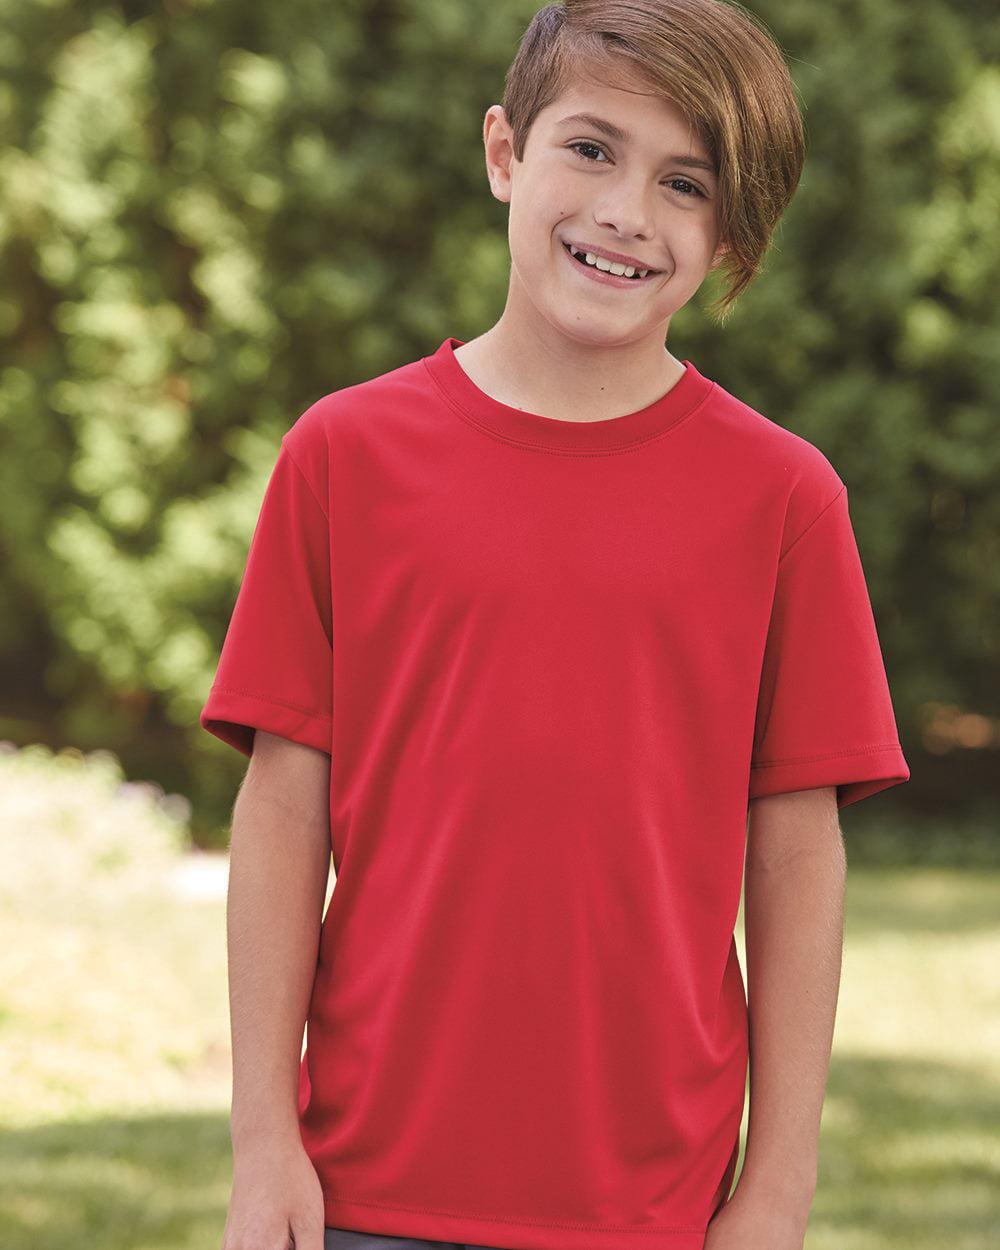 NEW Boys Top T Shirt Size 8-10 Kids Navy Blue Button School Russell Kids Tee